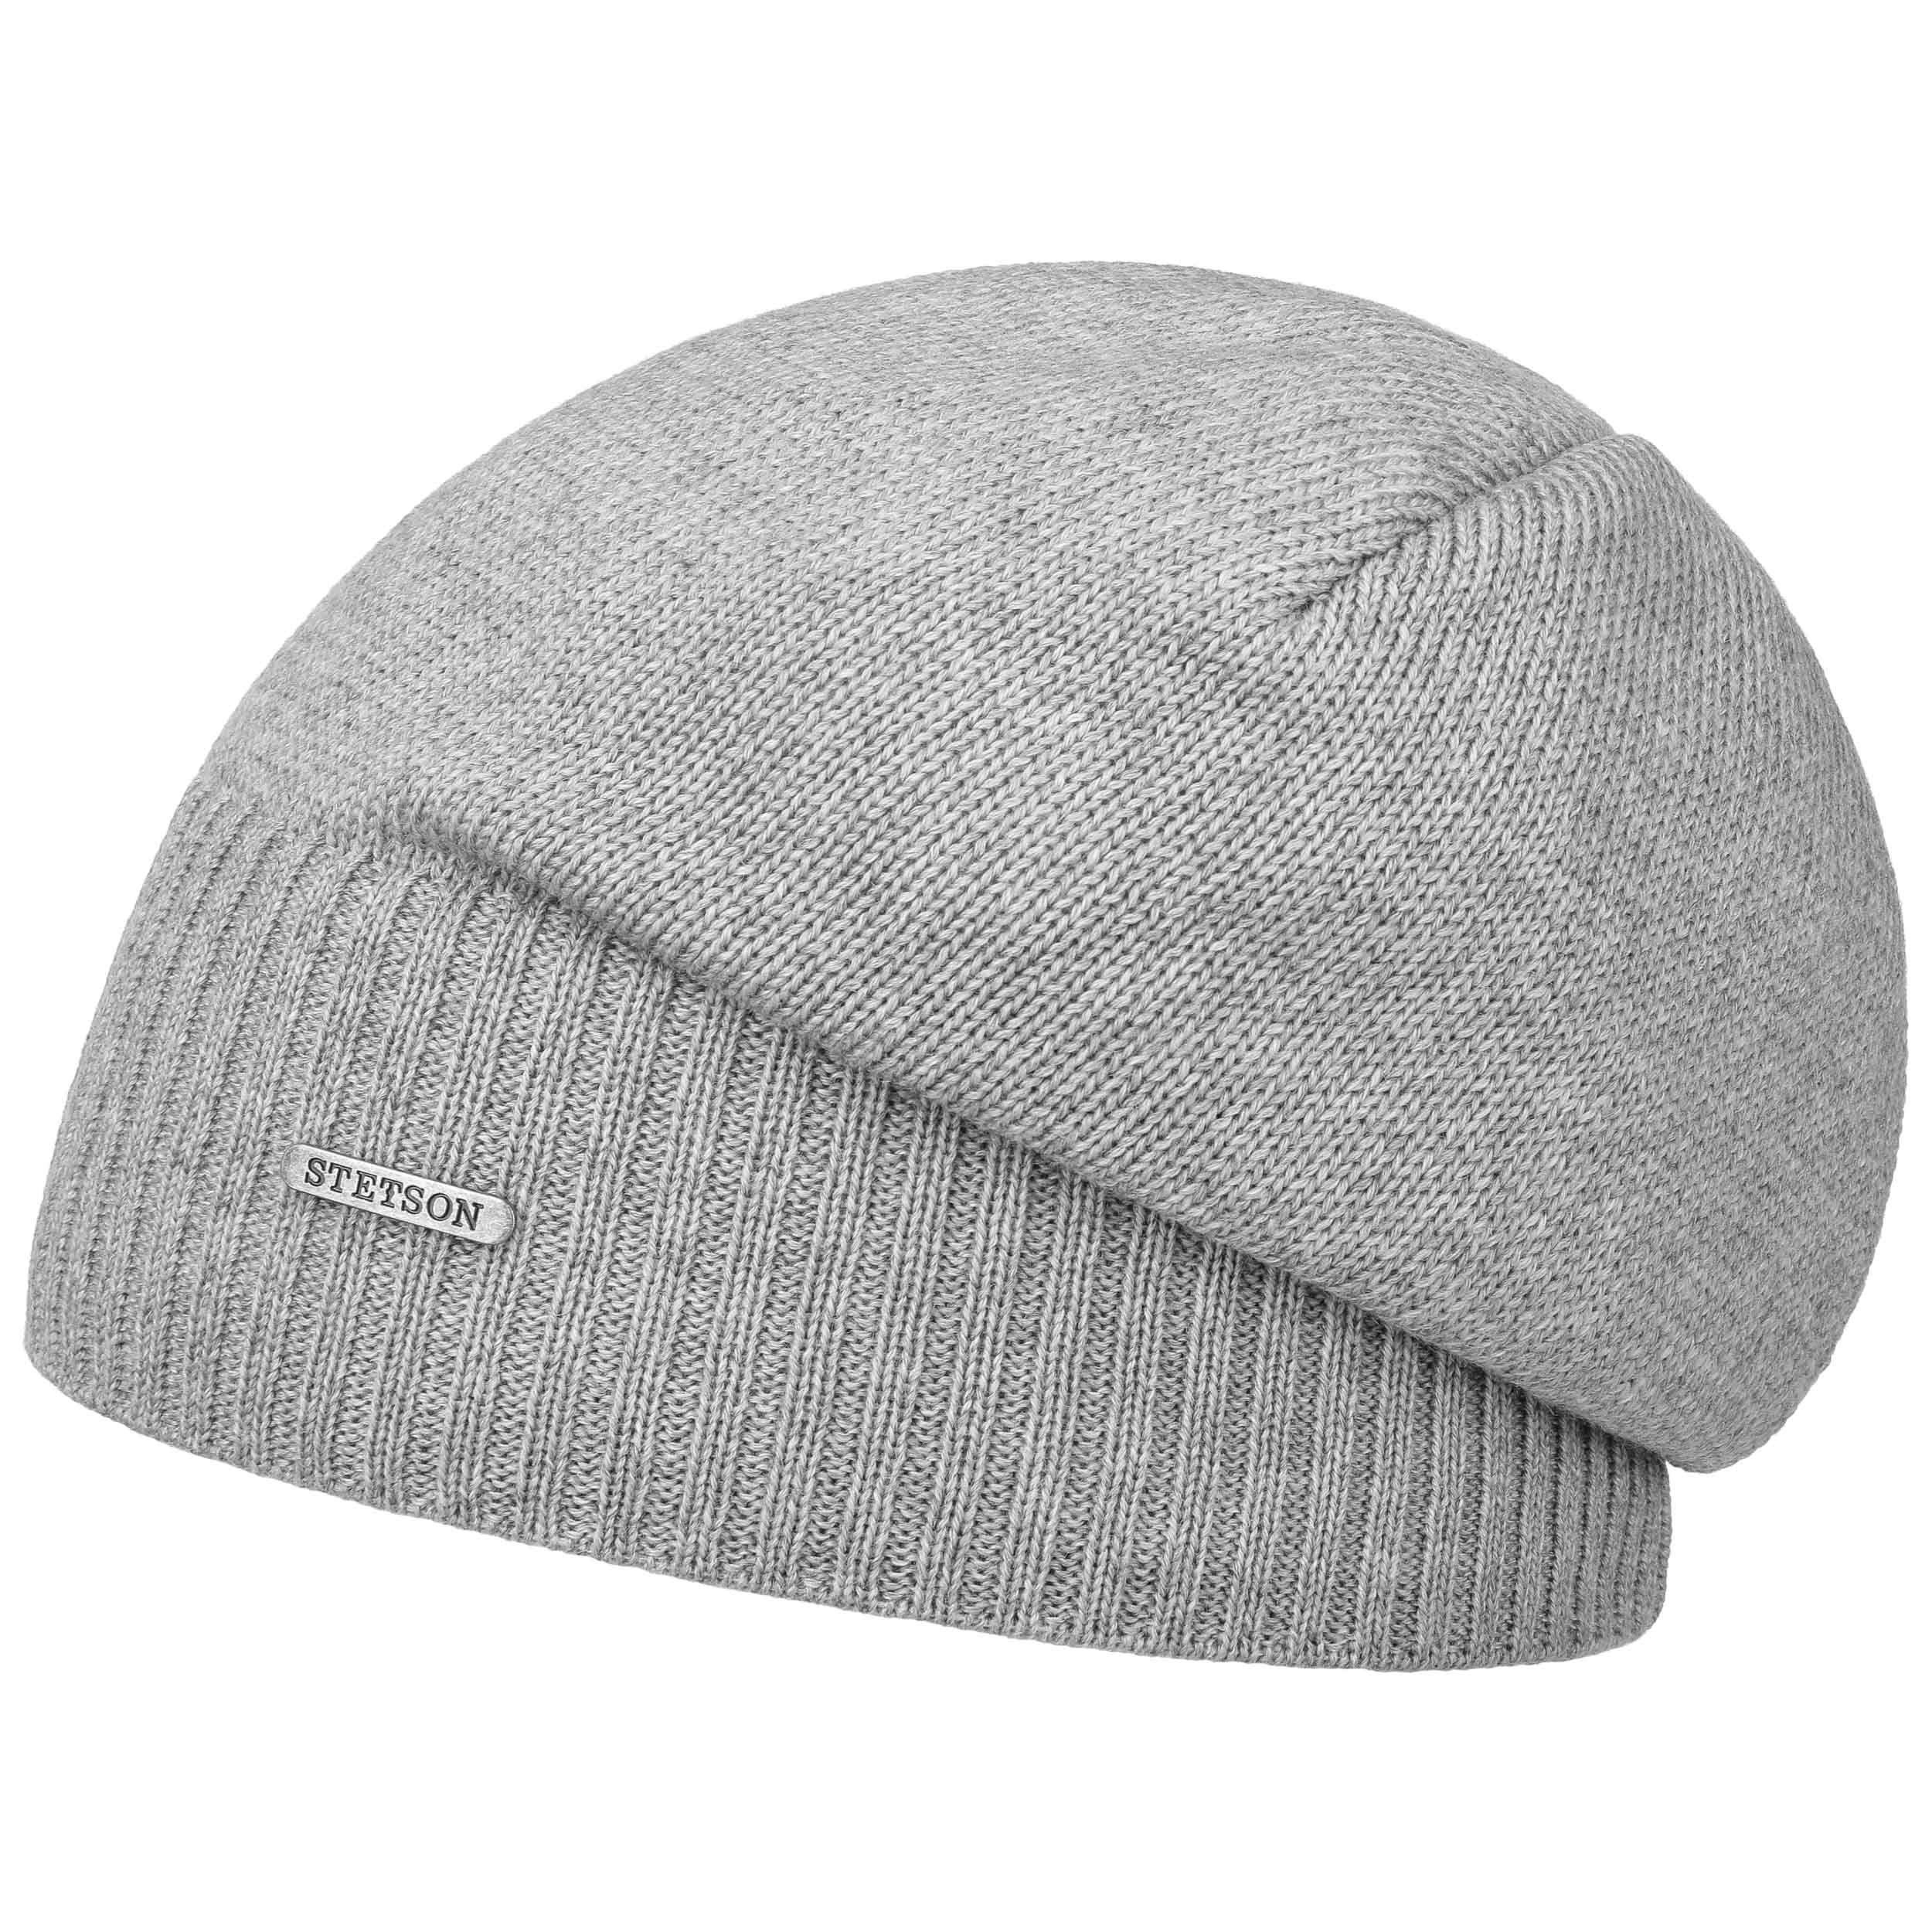 Wool Merino Oversize Beanie grey